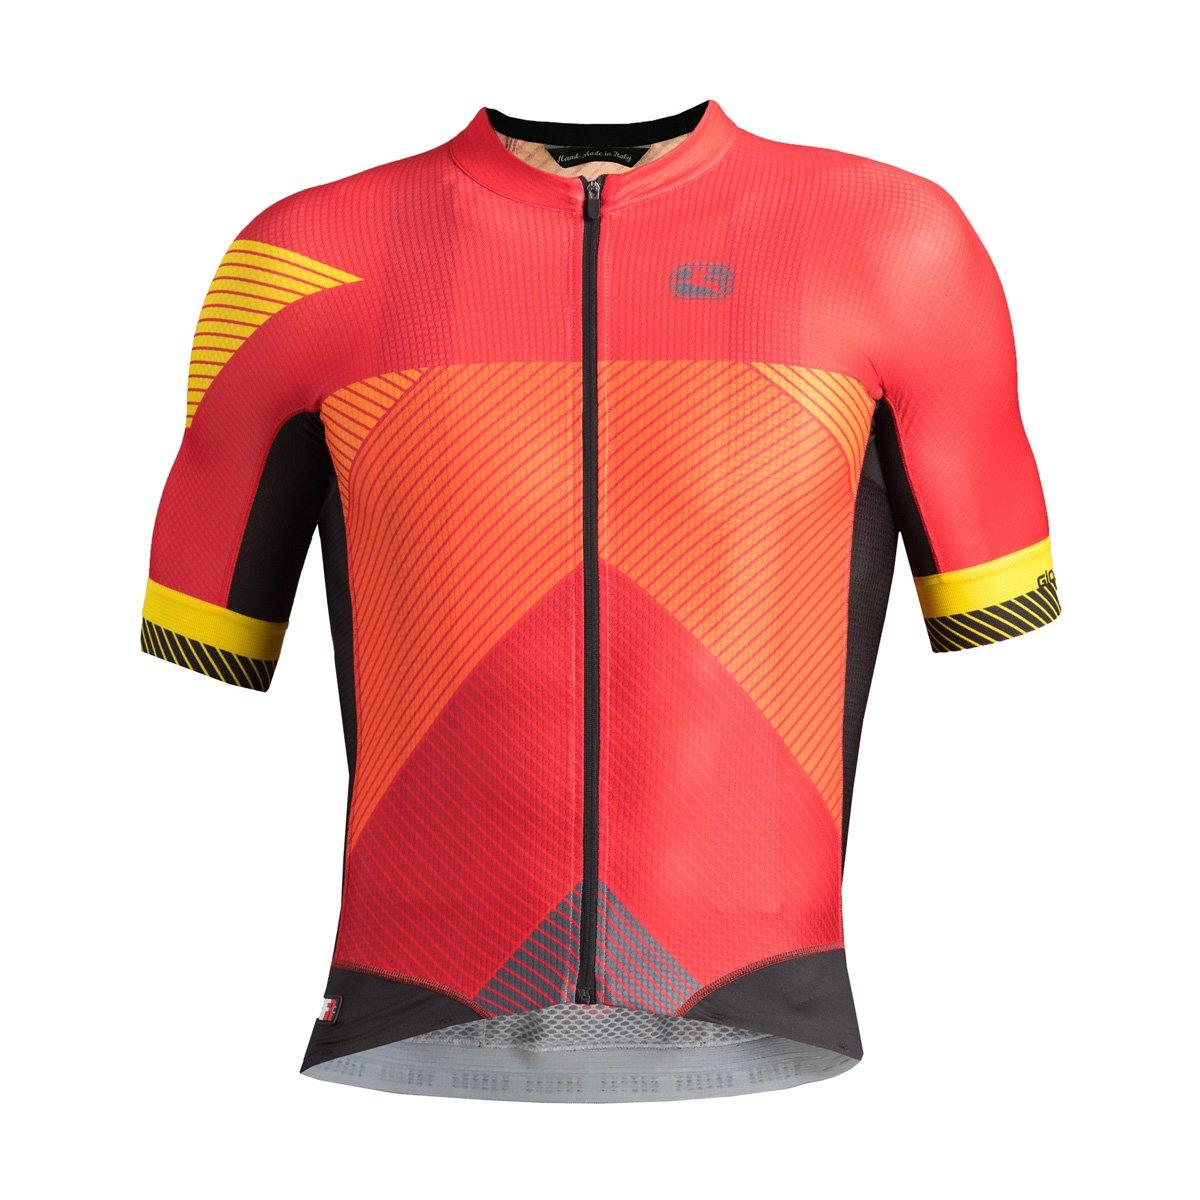 Giordana Moda fr-c Pro半袖Jersey – Men 's B0797SK9XK Medium VETTE-RED/ORAN/YELL VETTE-RED/ORAN/YELL Medium